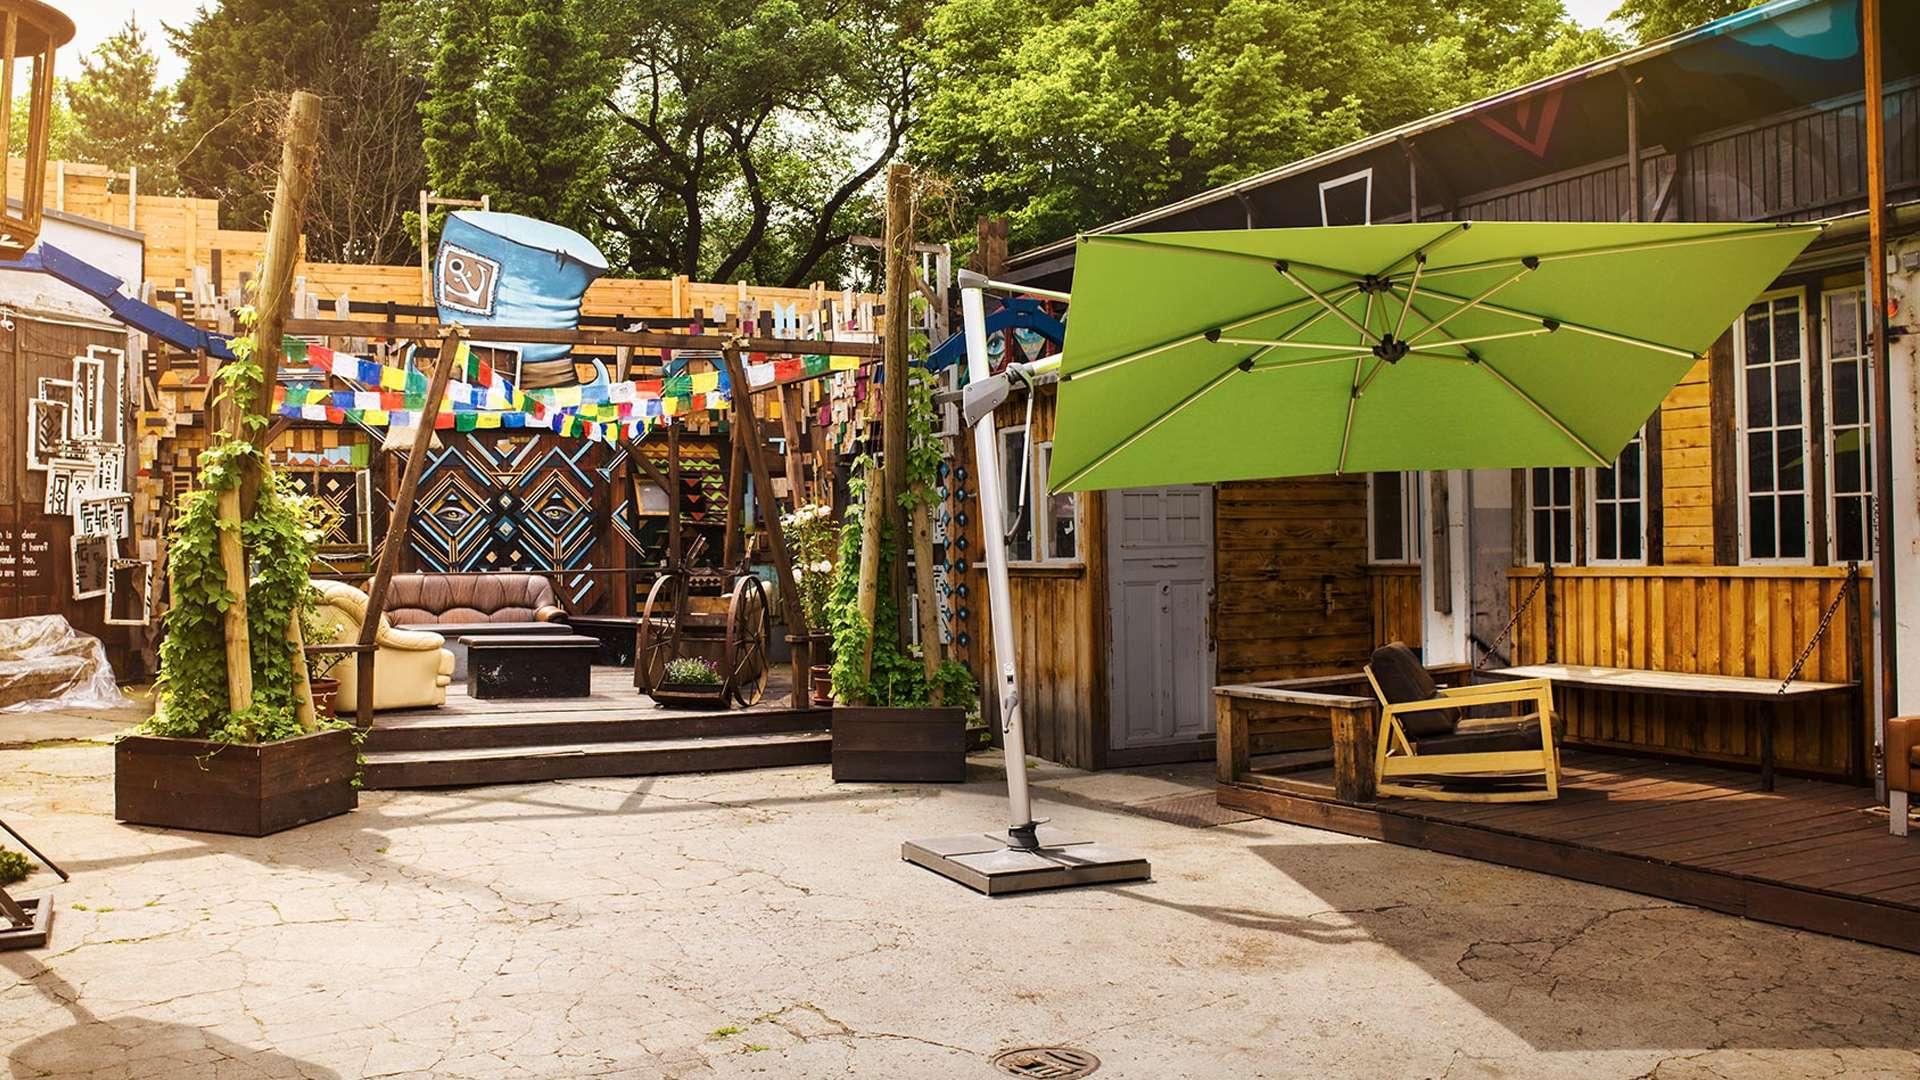 grüner Sombrano Sonnenschirm in einem Hippi-Viertel